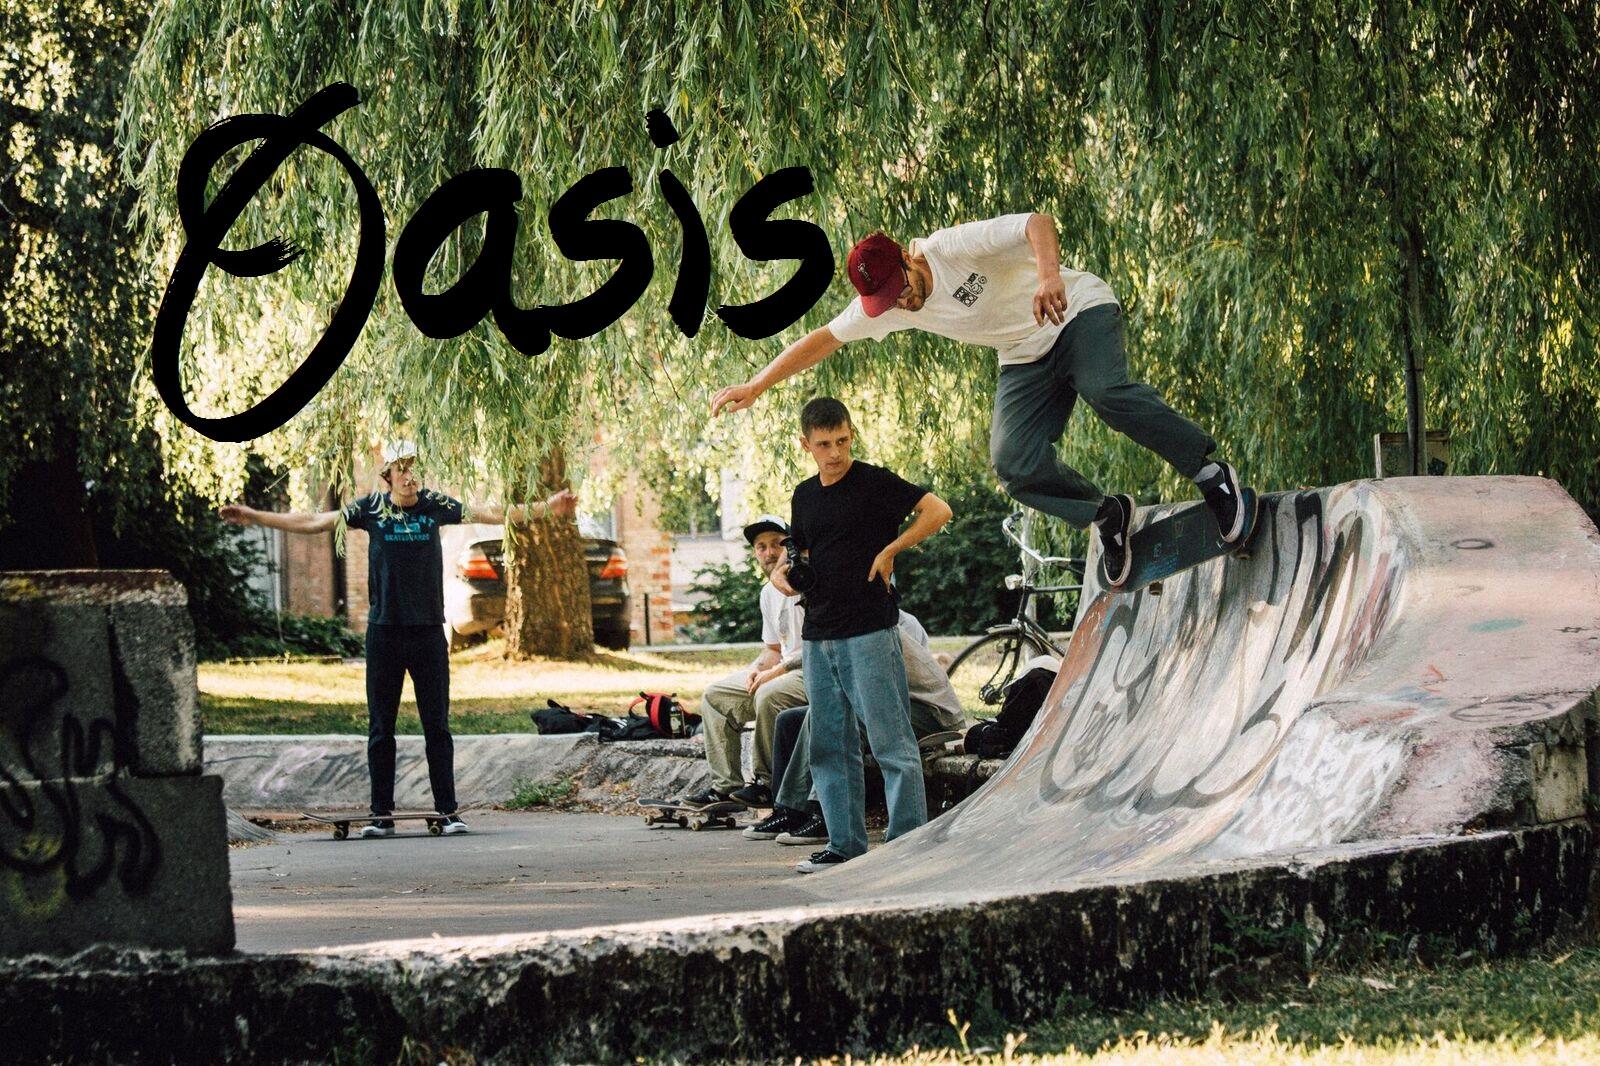 oasis skate video